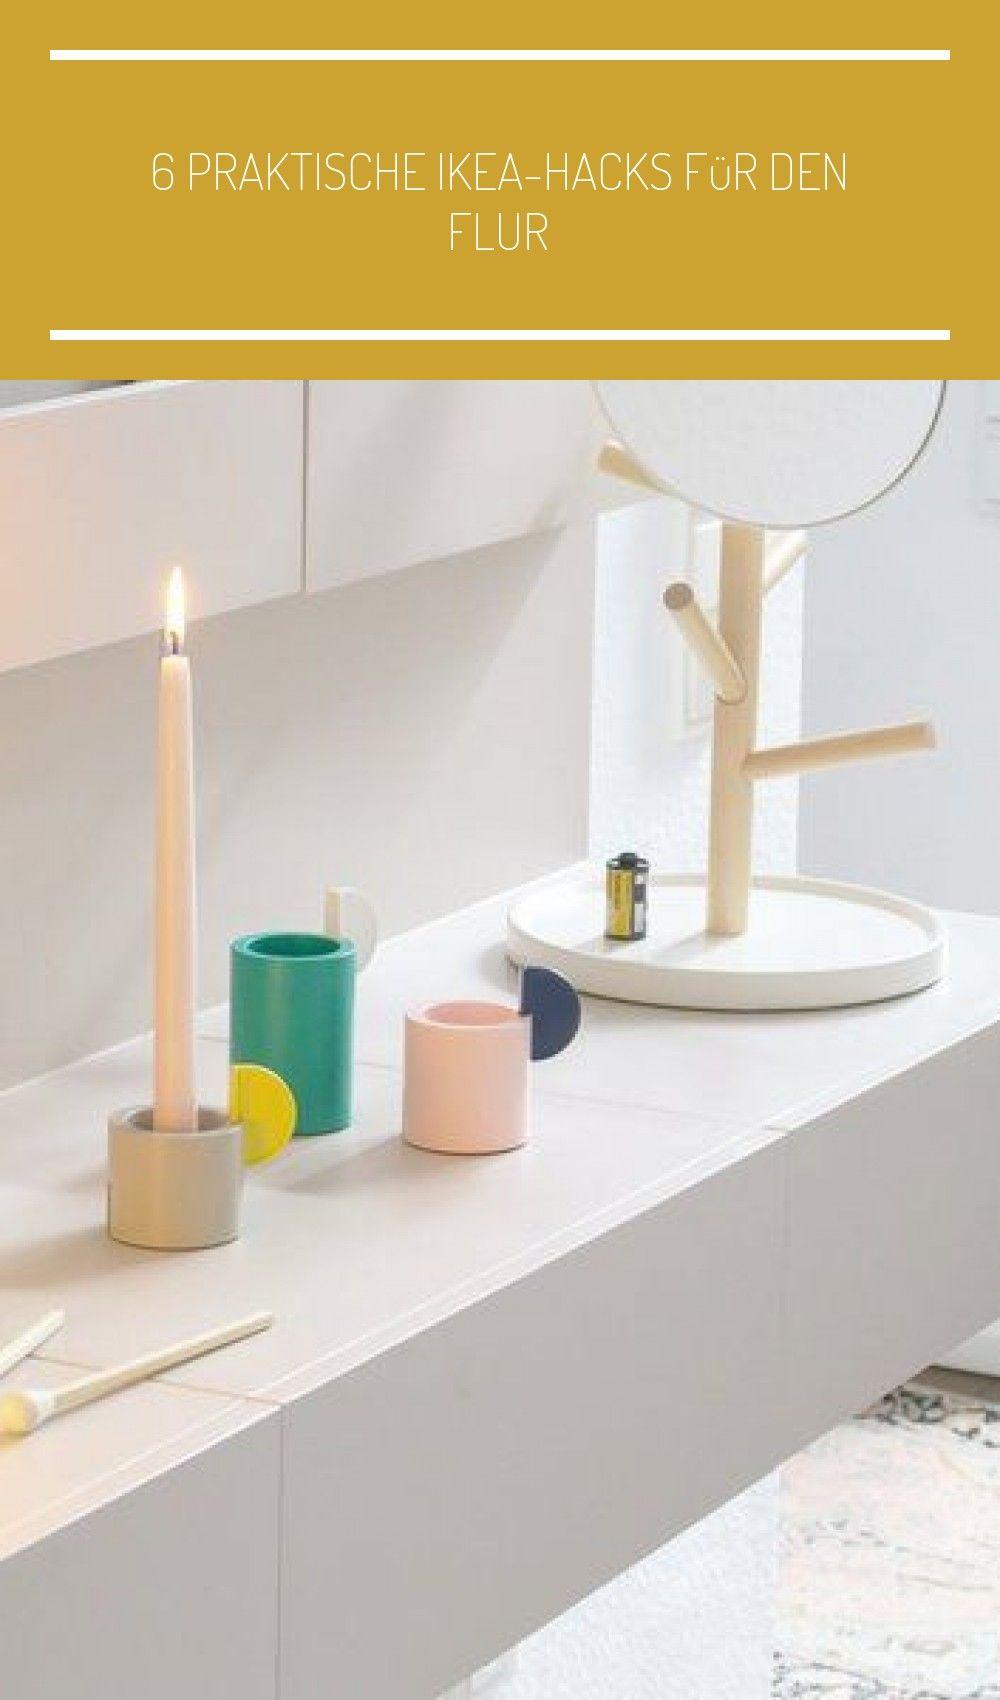 6 Praktische Ikea Hacks Fur De In 2020 With Images Ikea Hack Polyurethanes Fridge Magnets